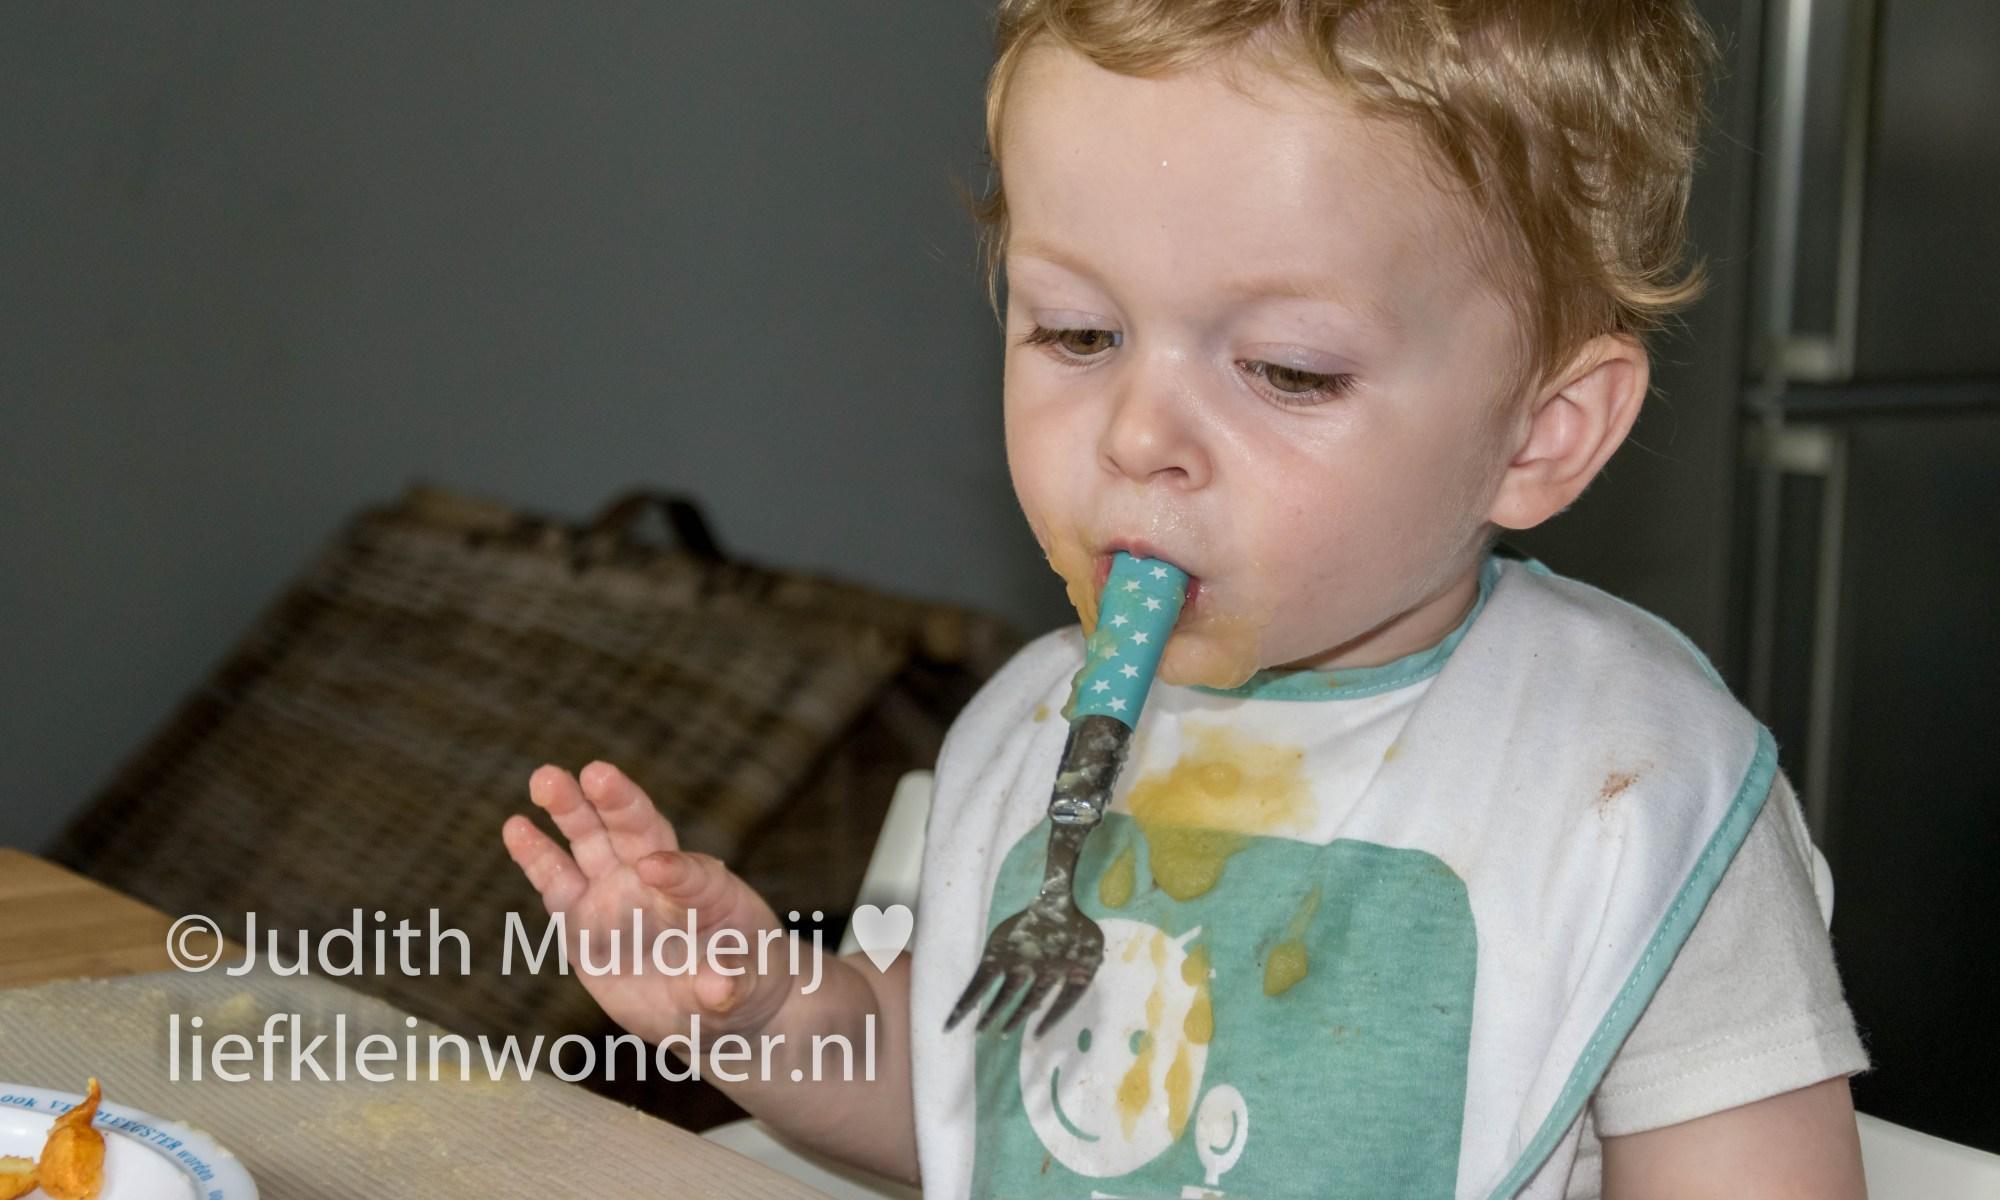 Jayden 18 maanden oud peuter dreumes - liever appelmoes dan aardappels en vlees